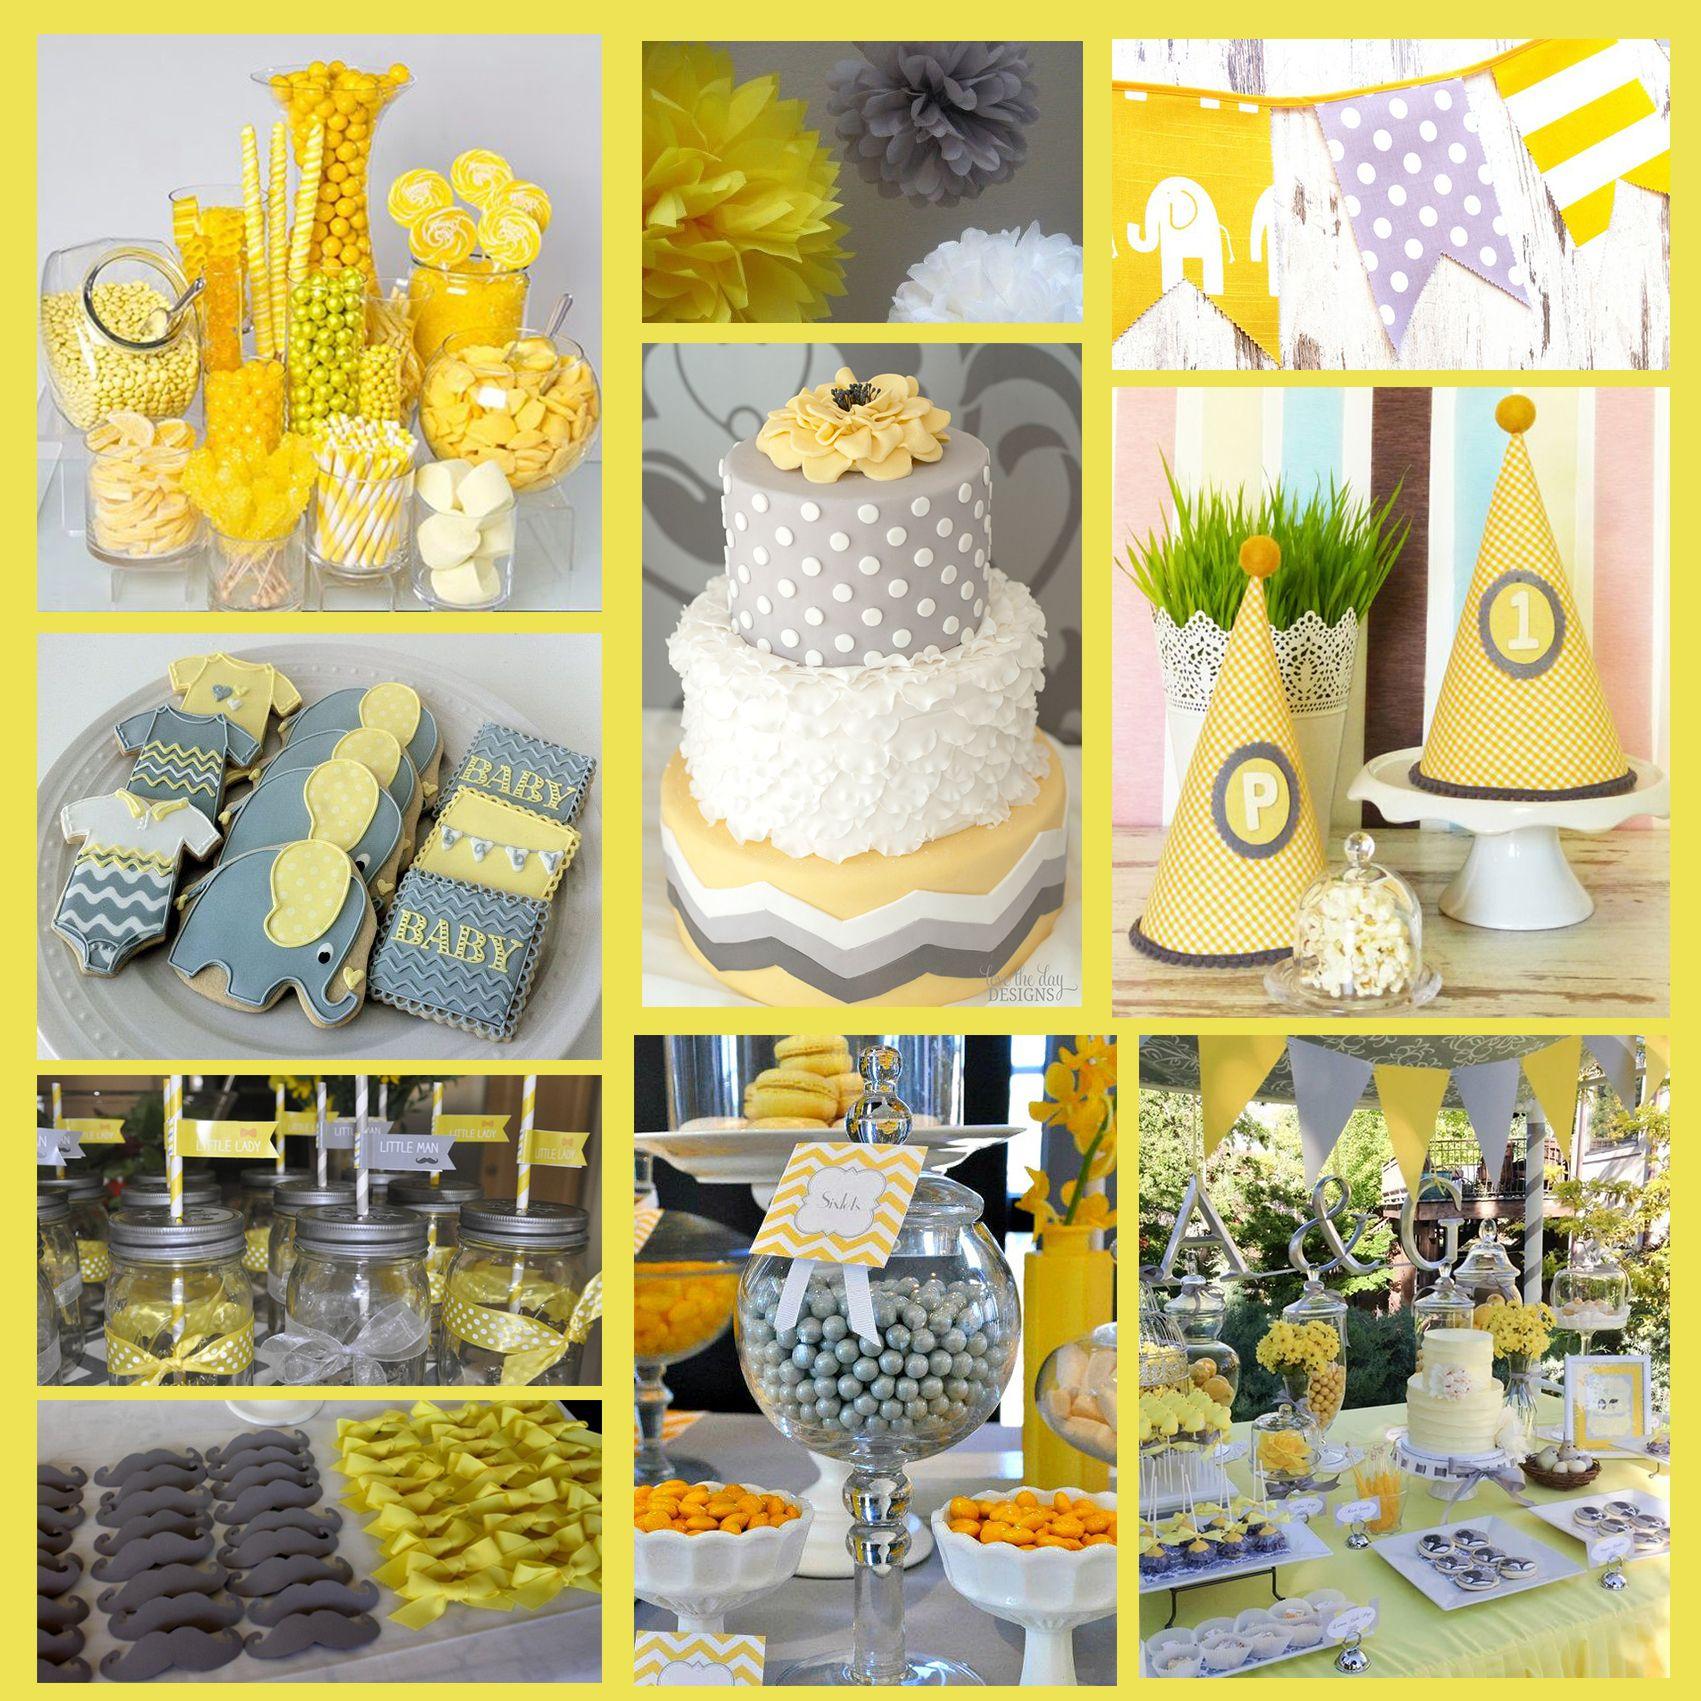 Descoracion para fiesta en amarillo y gris bautismo - Decoracion en amarillo ...